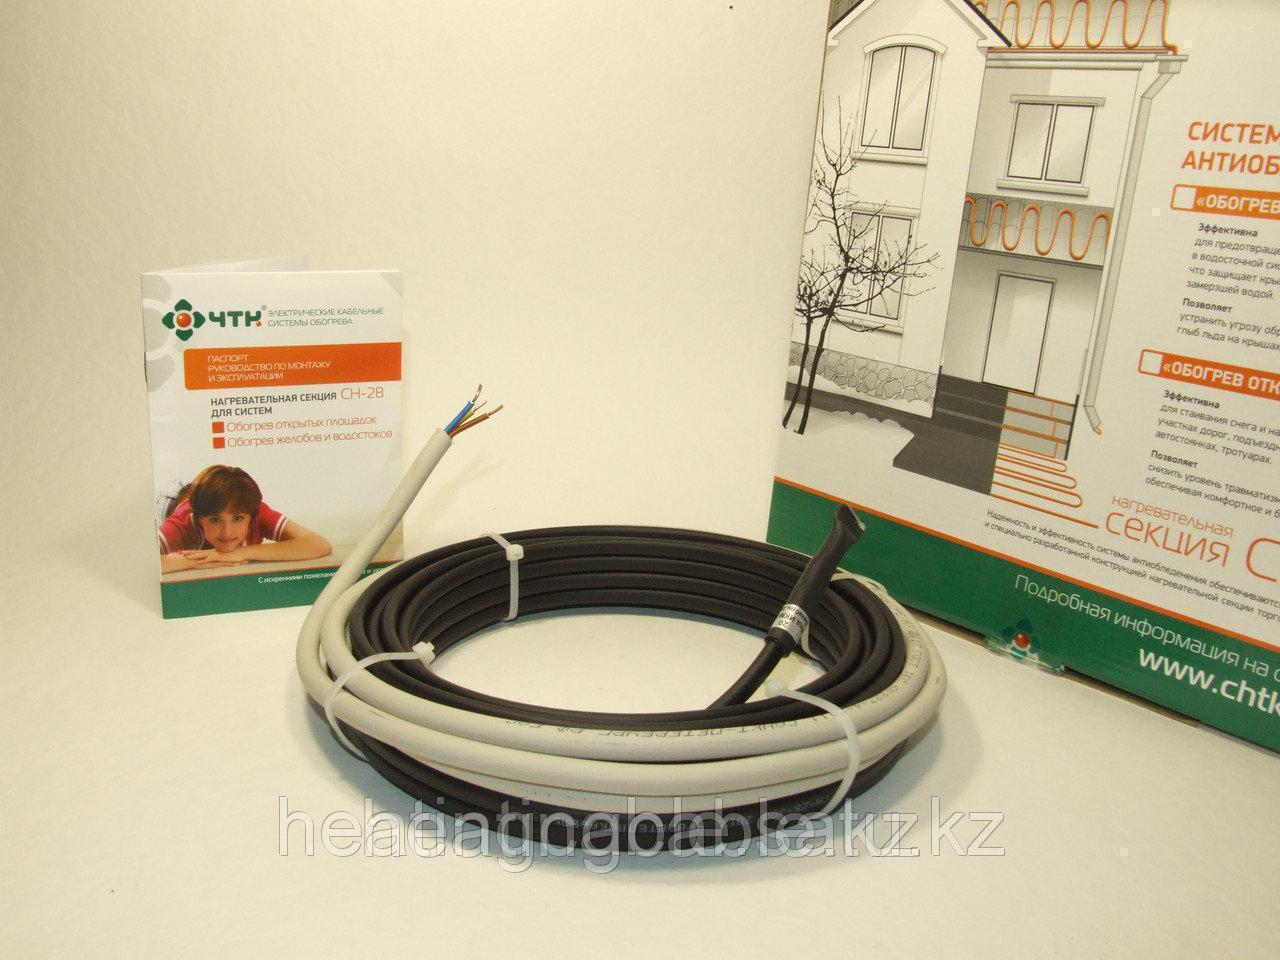 Нагревательный кабель СН-28 85м-2380Вт